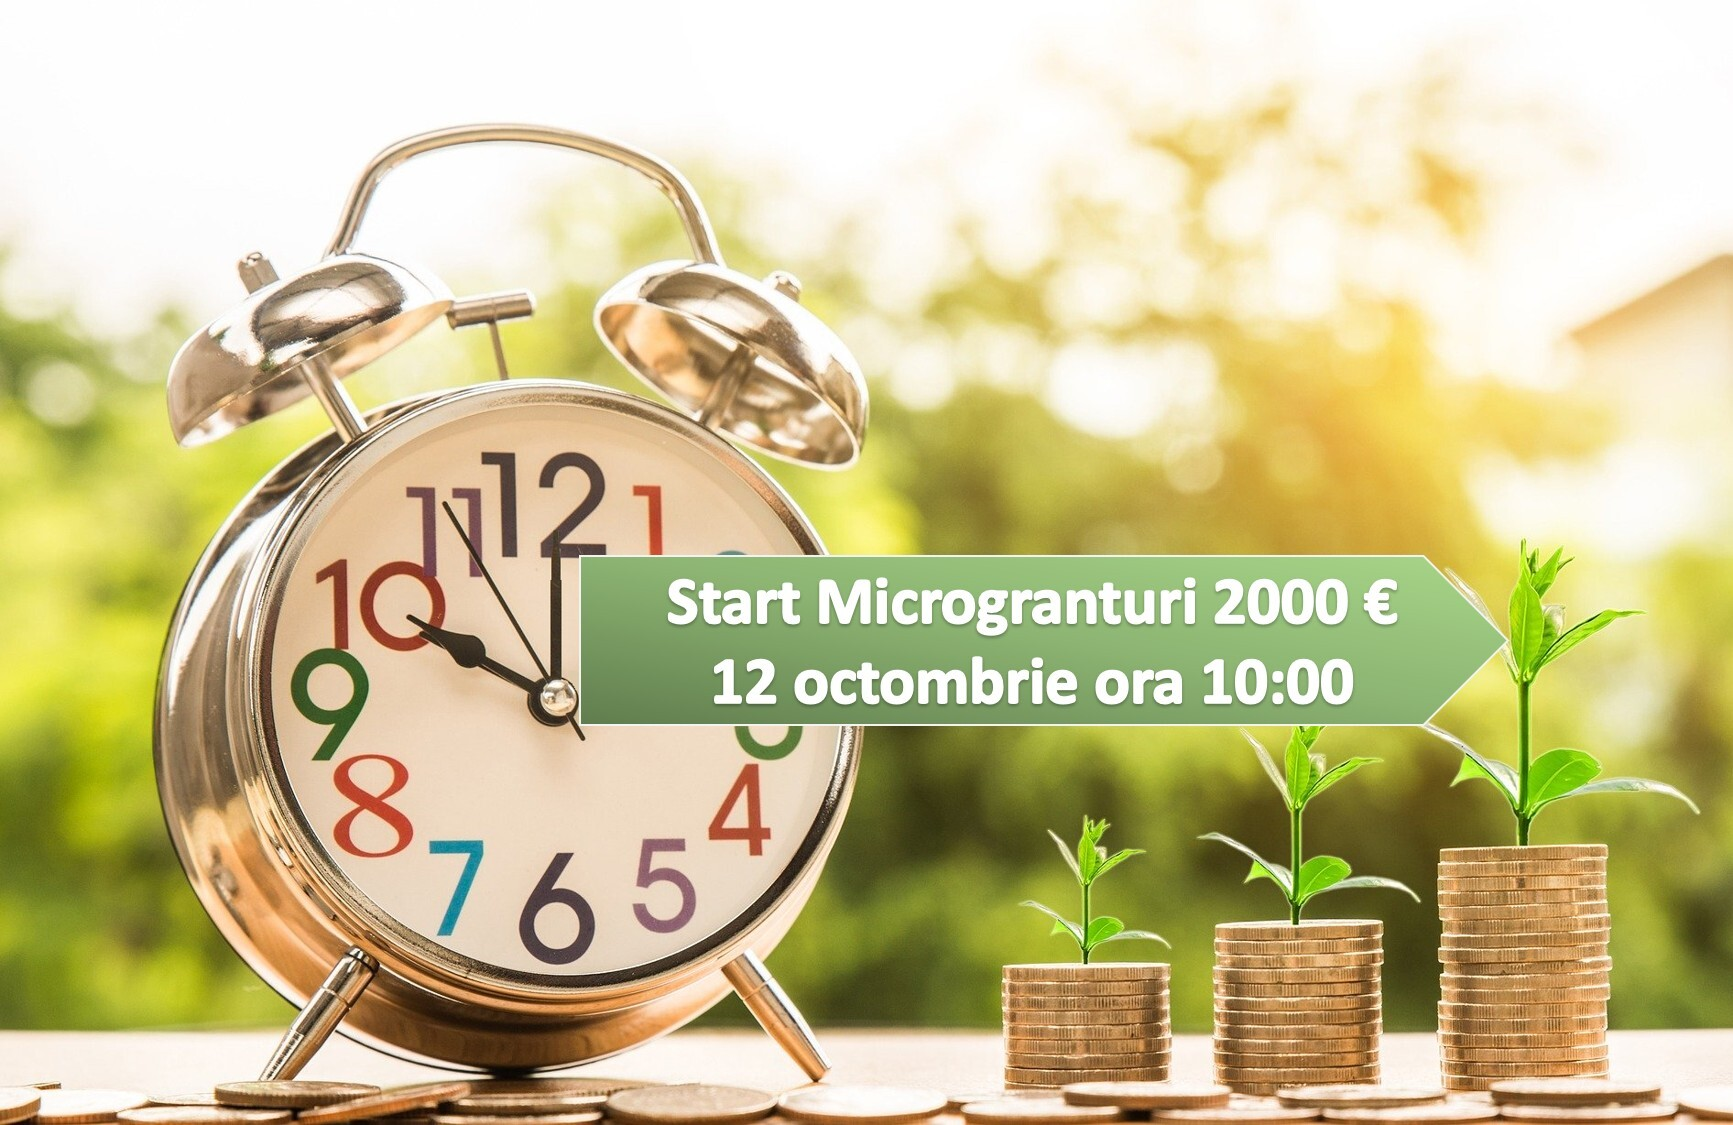 Pe 12 octombrie se deschide aplicatia pentru microgranturi